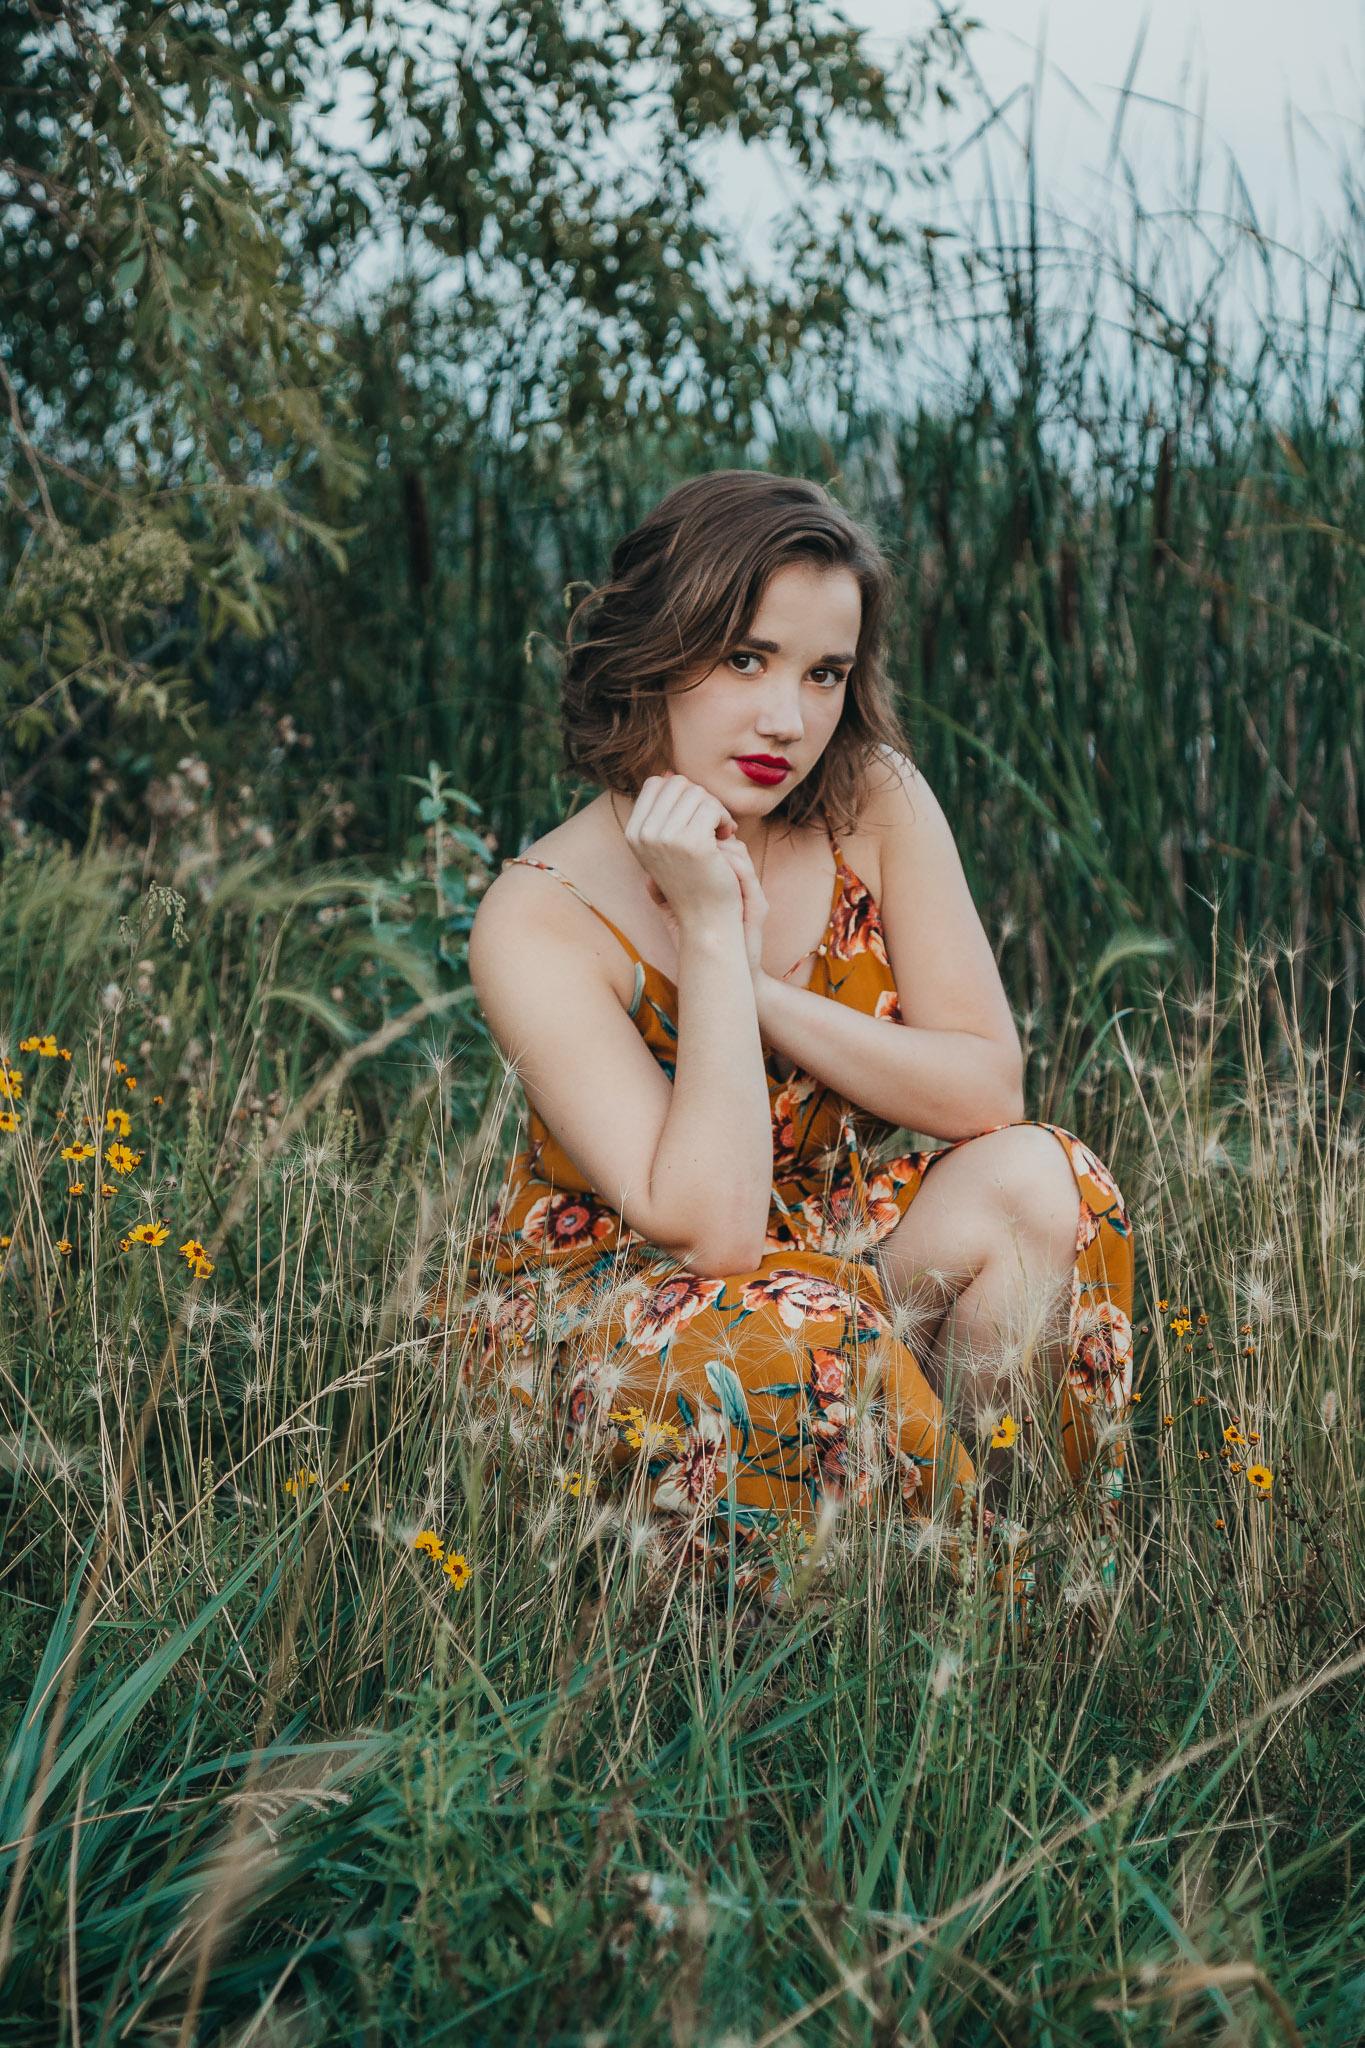 senior girl in flower field